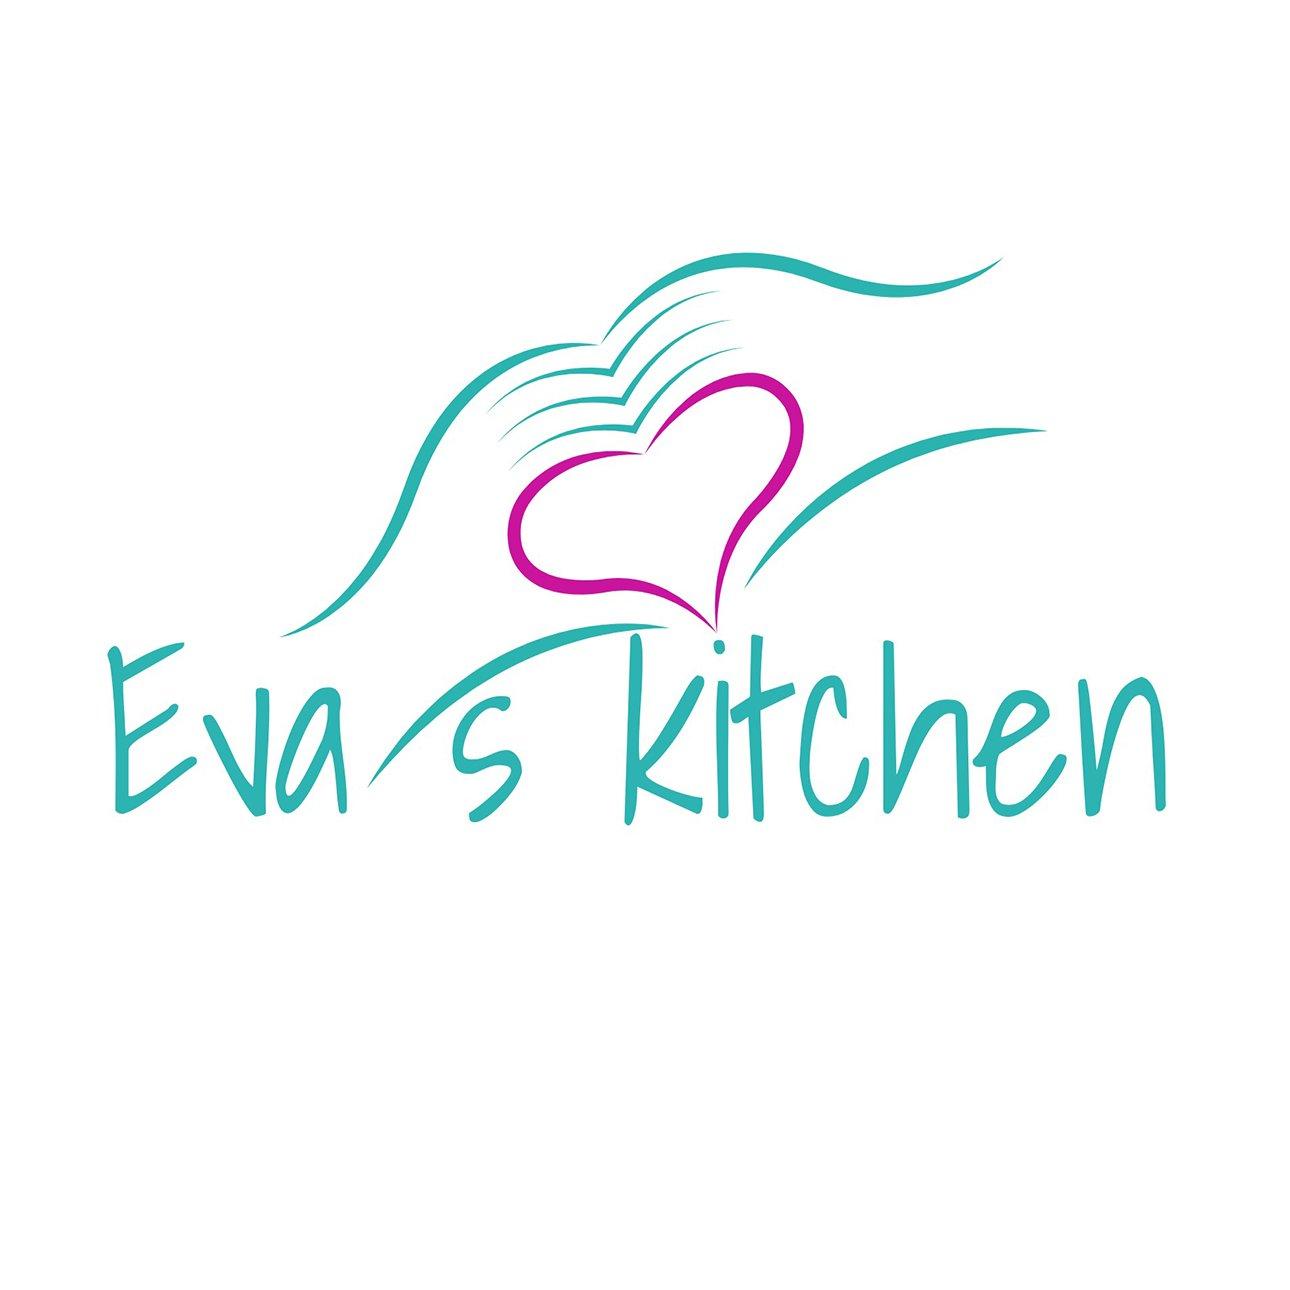 Evas KitchenPeruanisches Restaurant  lilacard